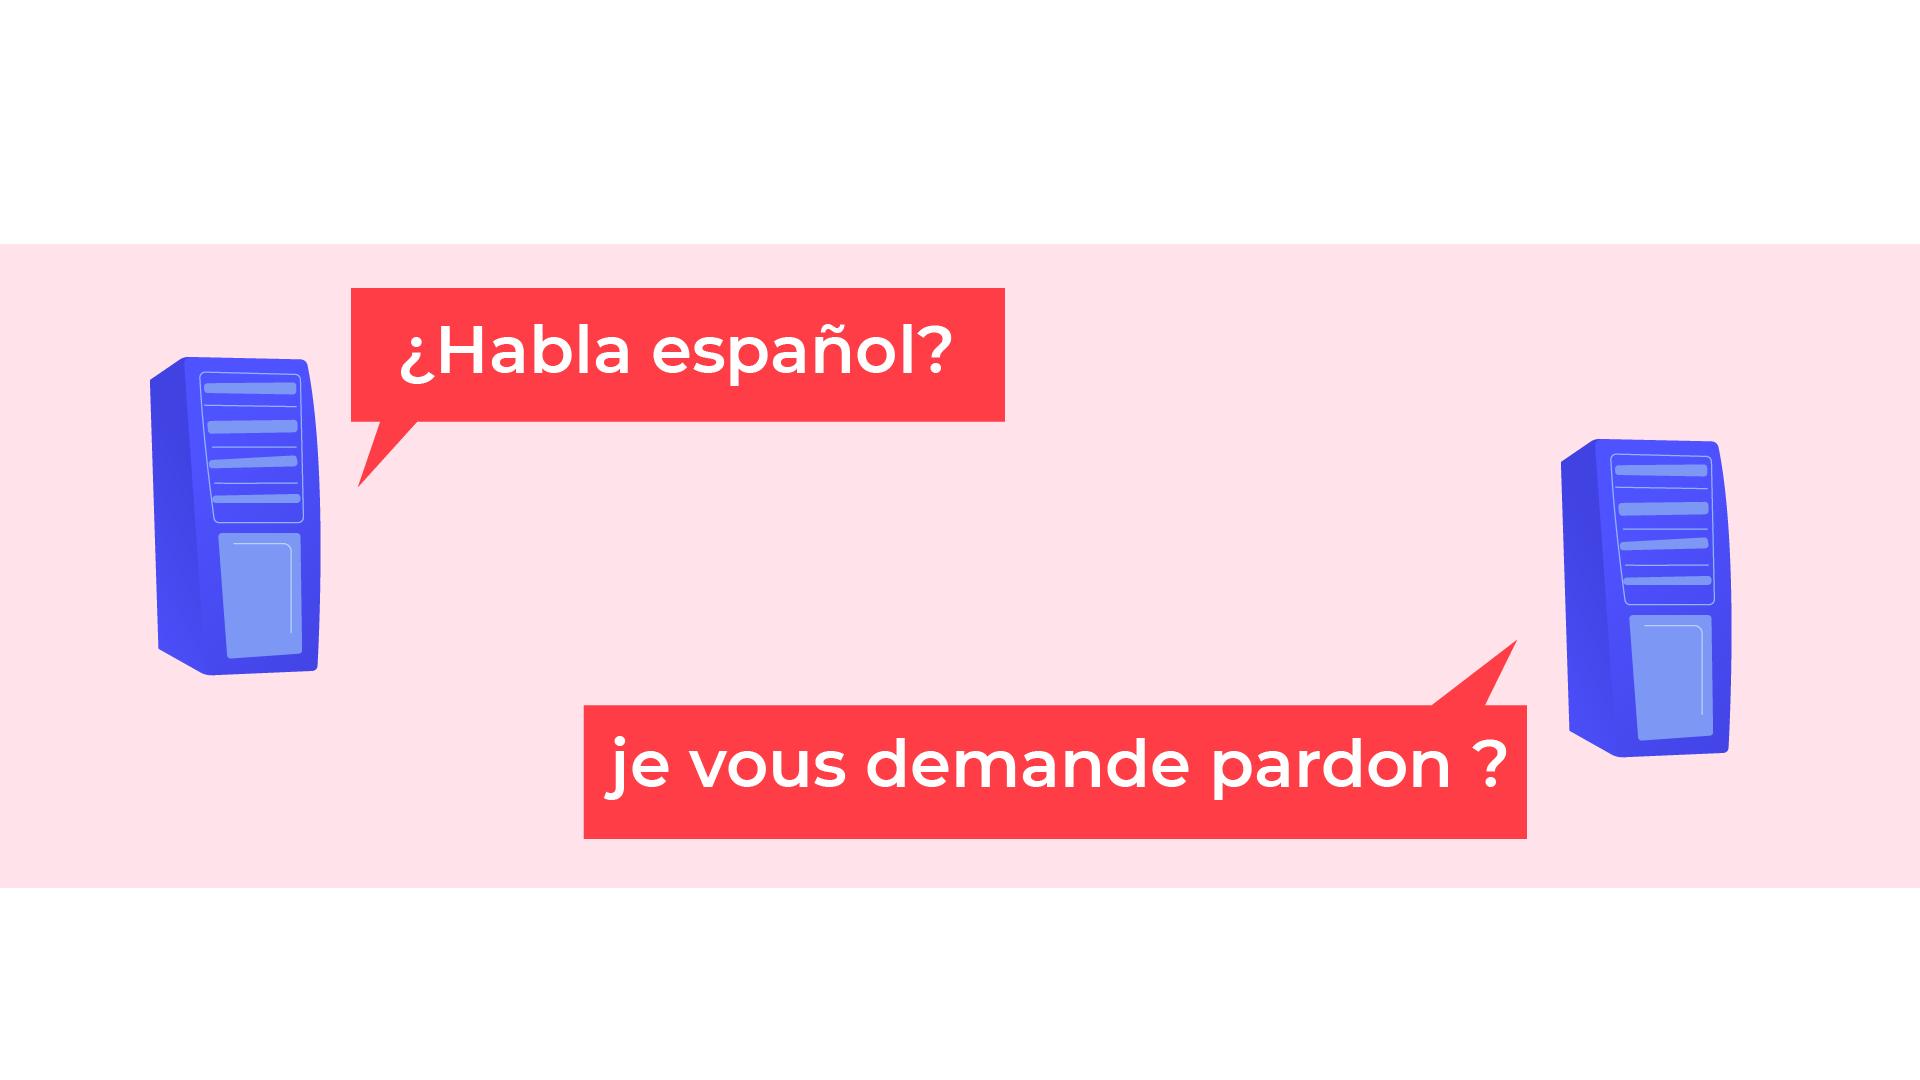 Le serveur à gauche du schéma demande, en espagnol, à l'autre serveur s'il parle espagnol. L'autre lui répond: